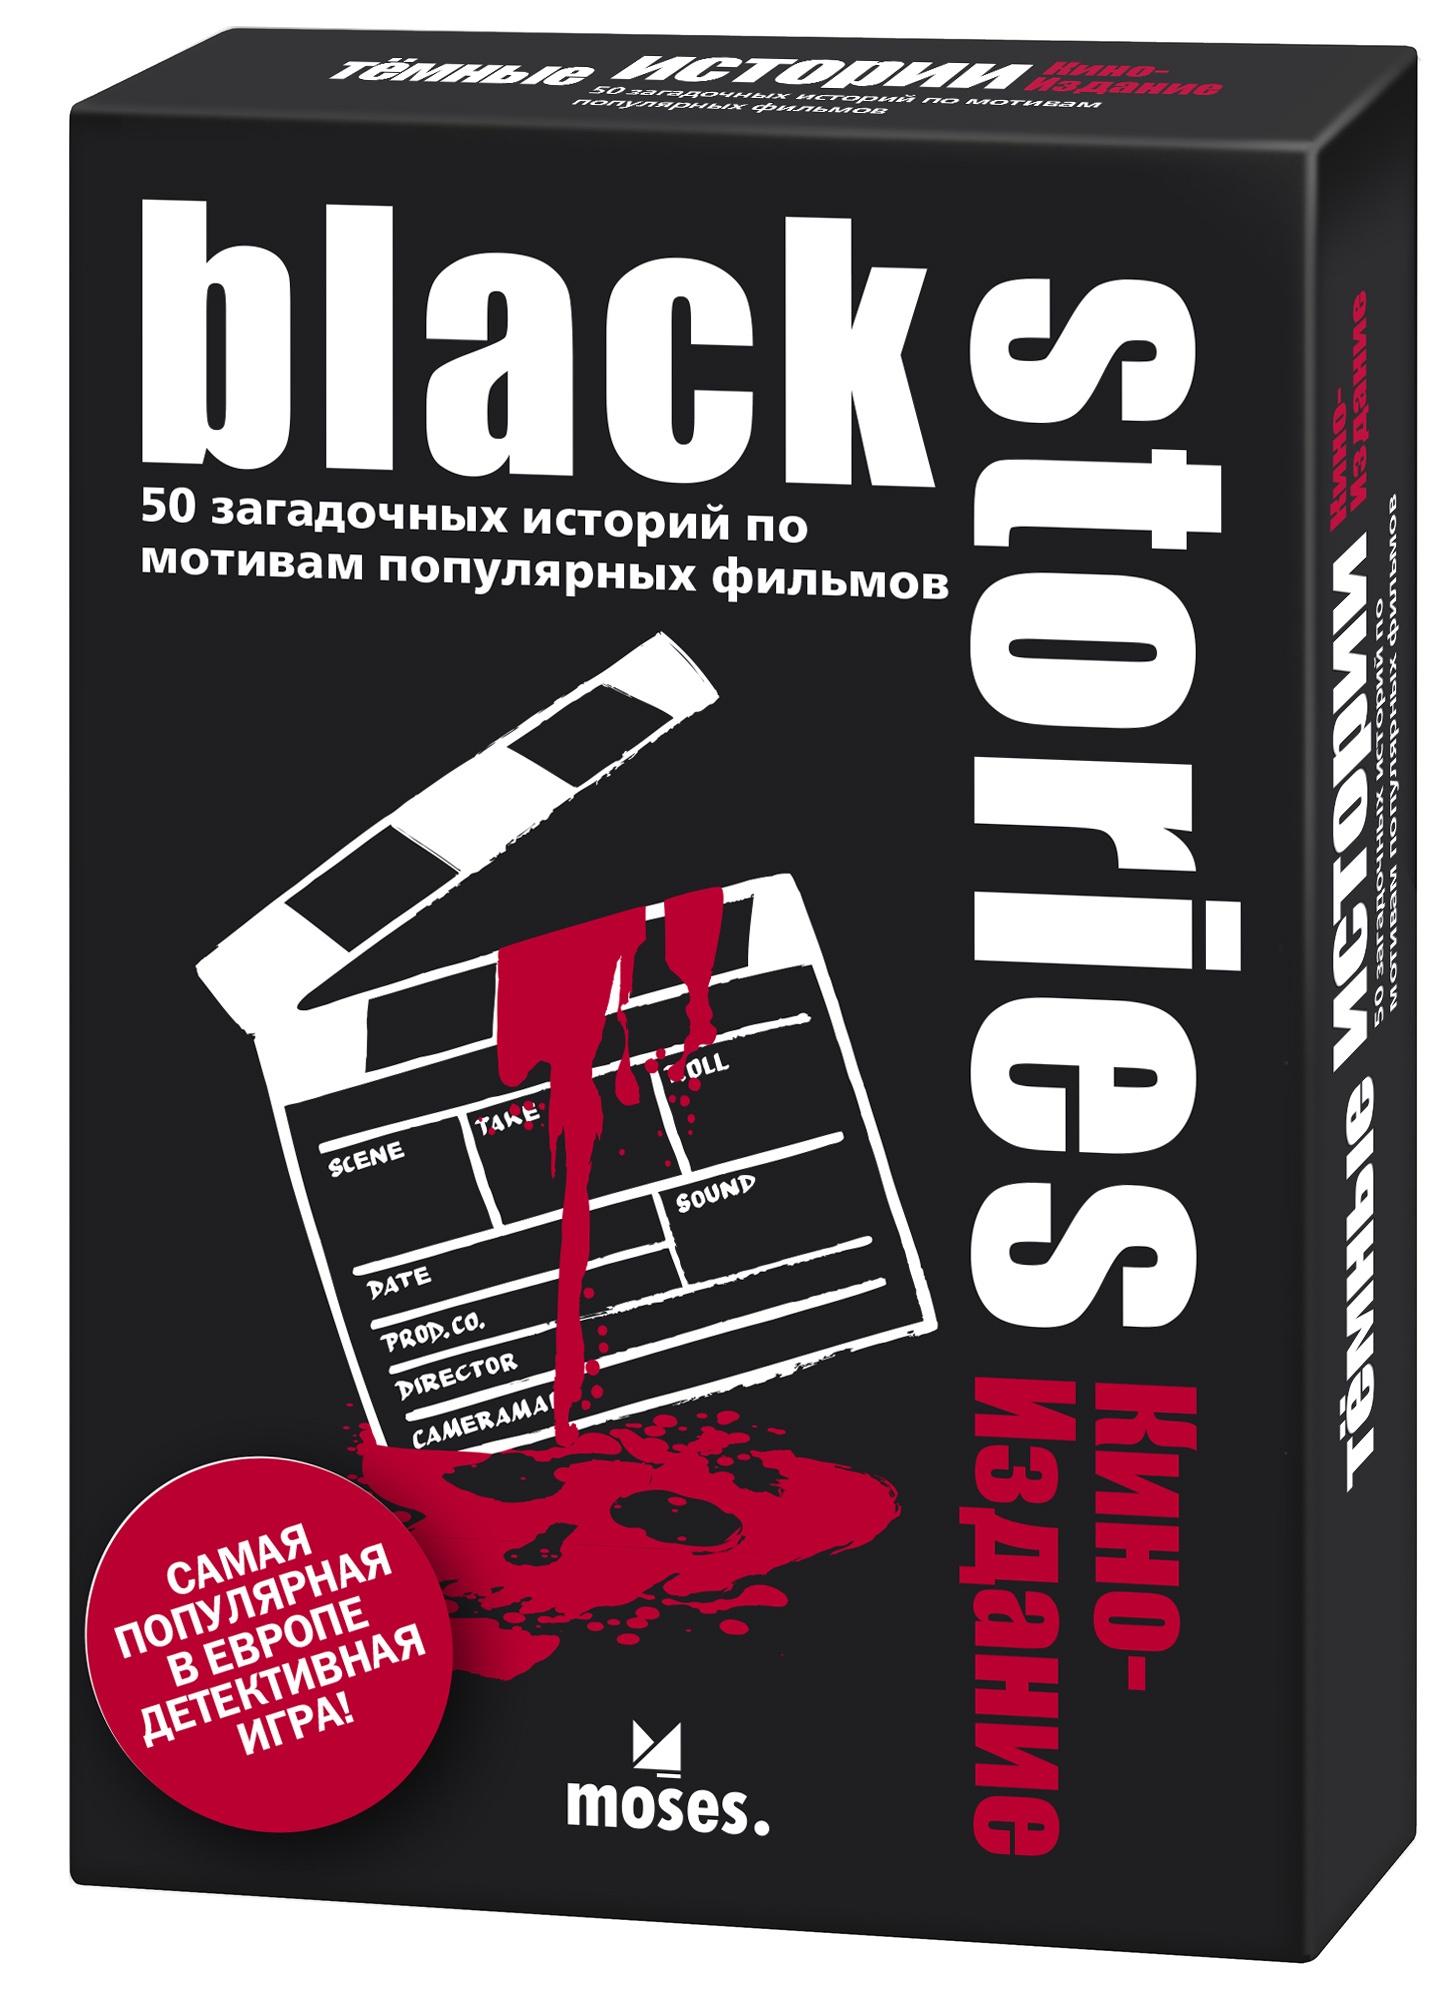 Moses Настольная игра Темные Истории Кино Издание игра настрольная moses black stories 3 темные истории